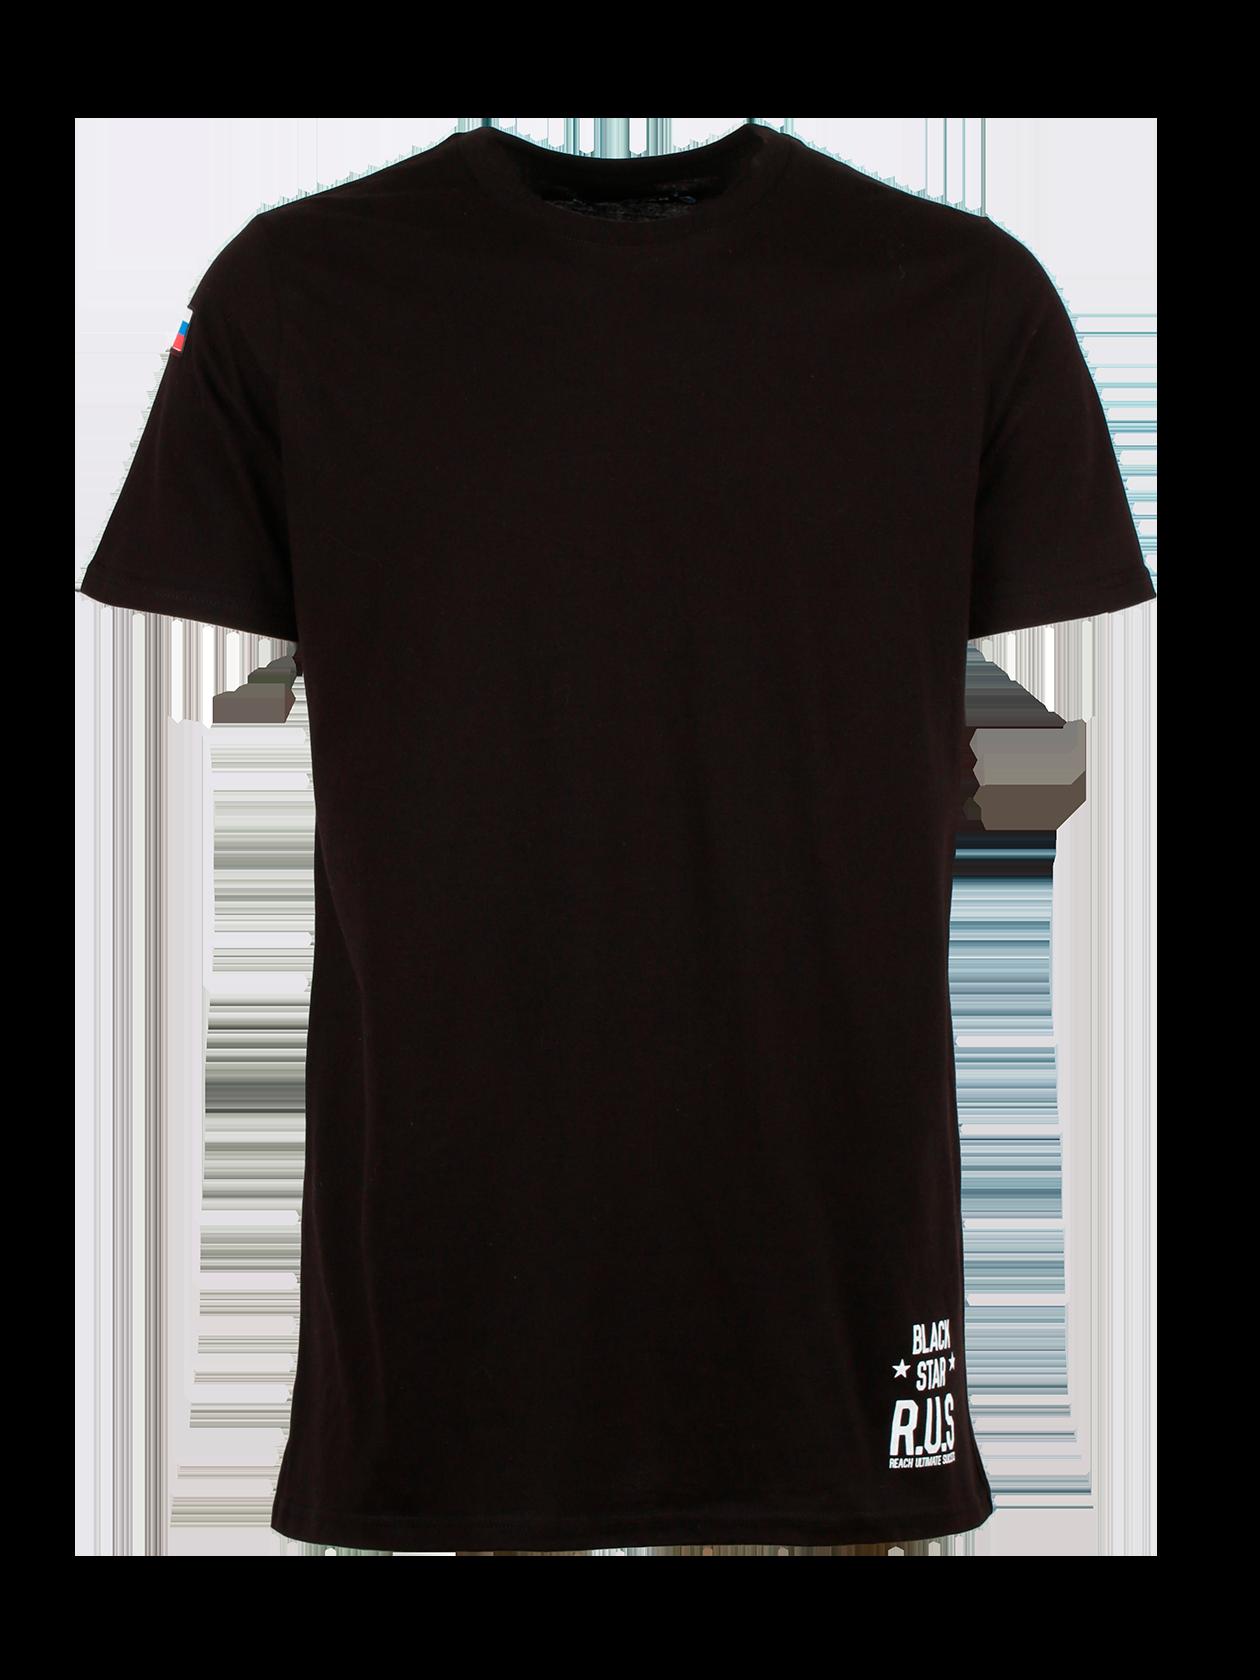 Футболка унисекс BLACK STAR R.U.S.Футболка унисекс Black Star R.U.S. – стильная и практичная вещь для любого сезона из линии одежды Basic. Модель представлена в классическом черном цвете, хорошо комбинирующемся с любой одеждой и обувью. При изготовлении использован 100% хлопок высокого качества, создающий максимум свободы во время движения. Прямой полусвободный силуэт, небольшой рукав, удлиненный крой и округлая горловина. Дизайн дополнен принтом в виде надписи Black Star R.U.S. в нижнем левом боку и патриотичной нашивкой «триколор» на плече.<br><br>Размер: XS<br>Цвет: Черный<br>Пол: Женский